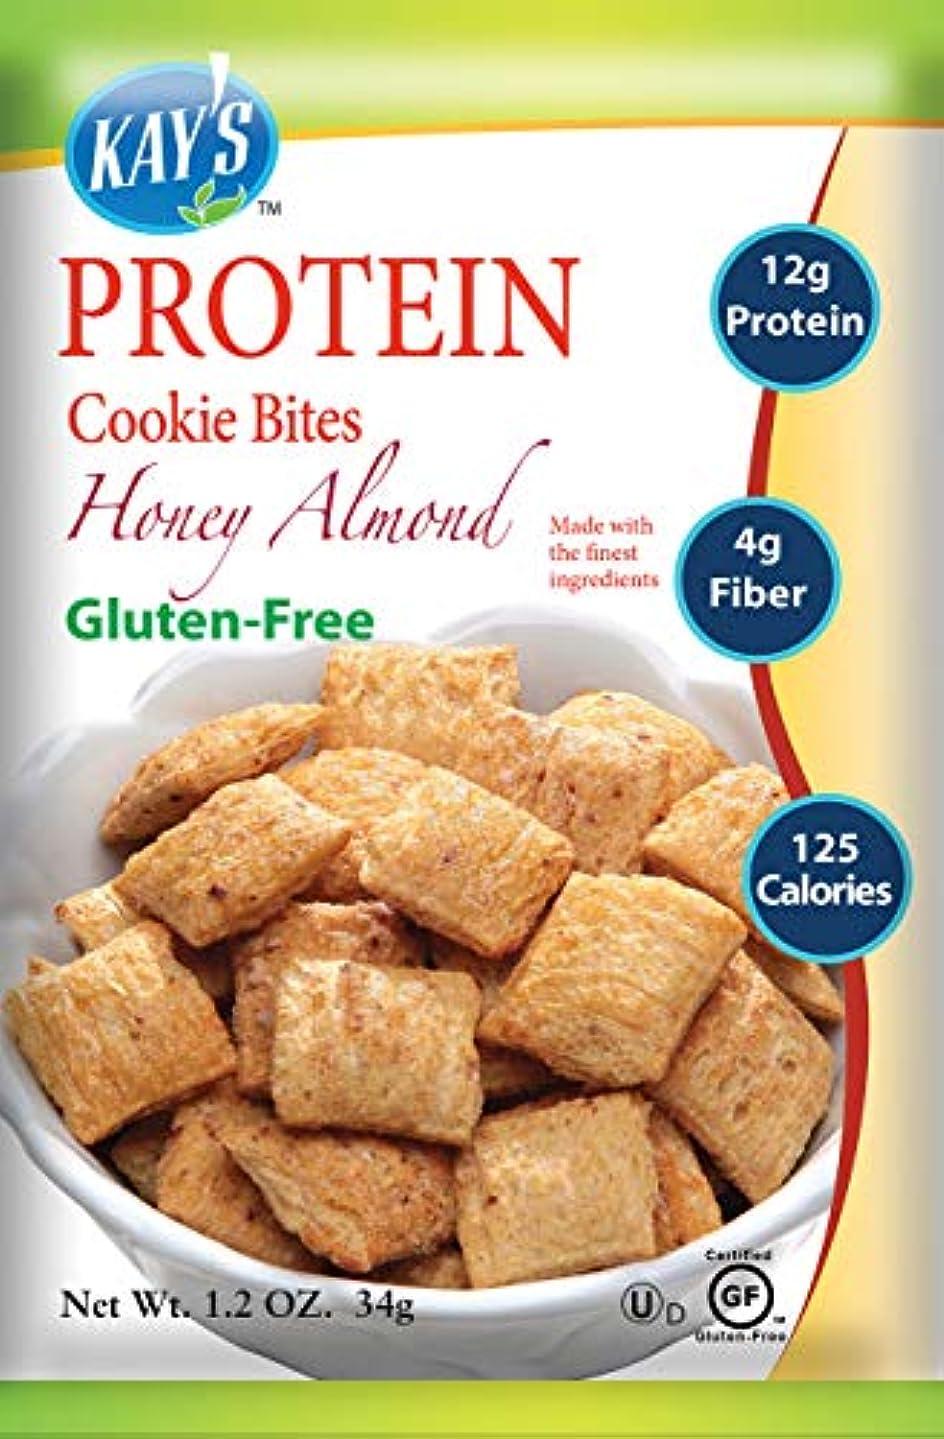 松明織る接地Kay's Naturals Protein Cookie Bites, Honey Almond Filled, 1.2 ounces (Pack of 6) by Kay's Naturals [並行輸入品]